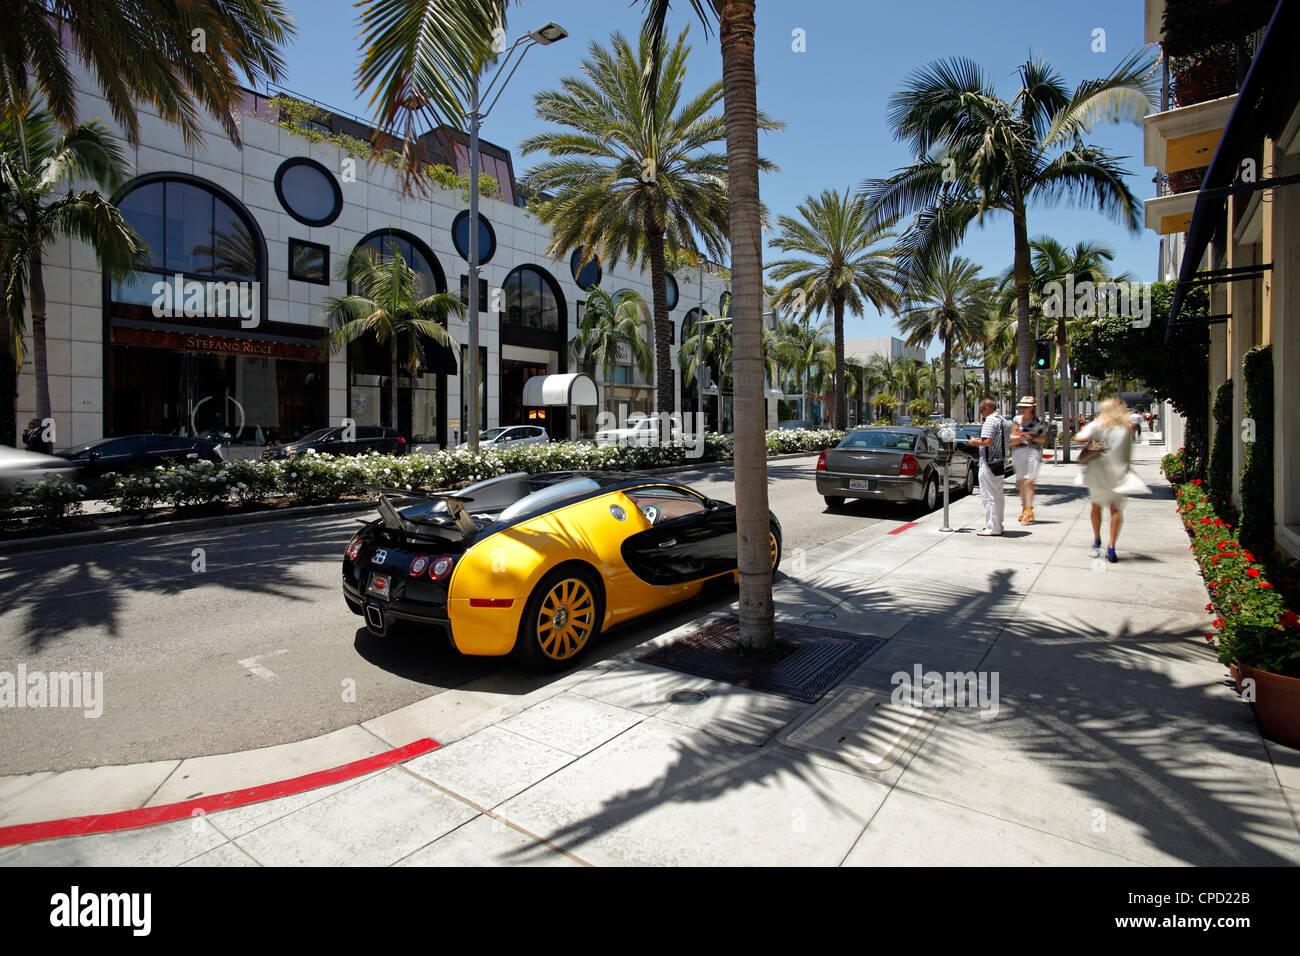 Luxus-Auto geparkt am Rodeo Drive, Beverly Hills, Los Angeles, California, Vereinigte Staaten von Amerika, Nordamerika Stockbild